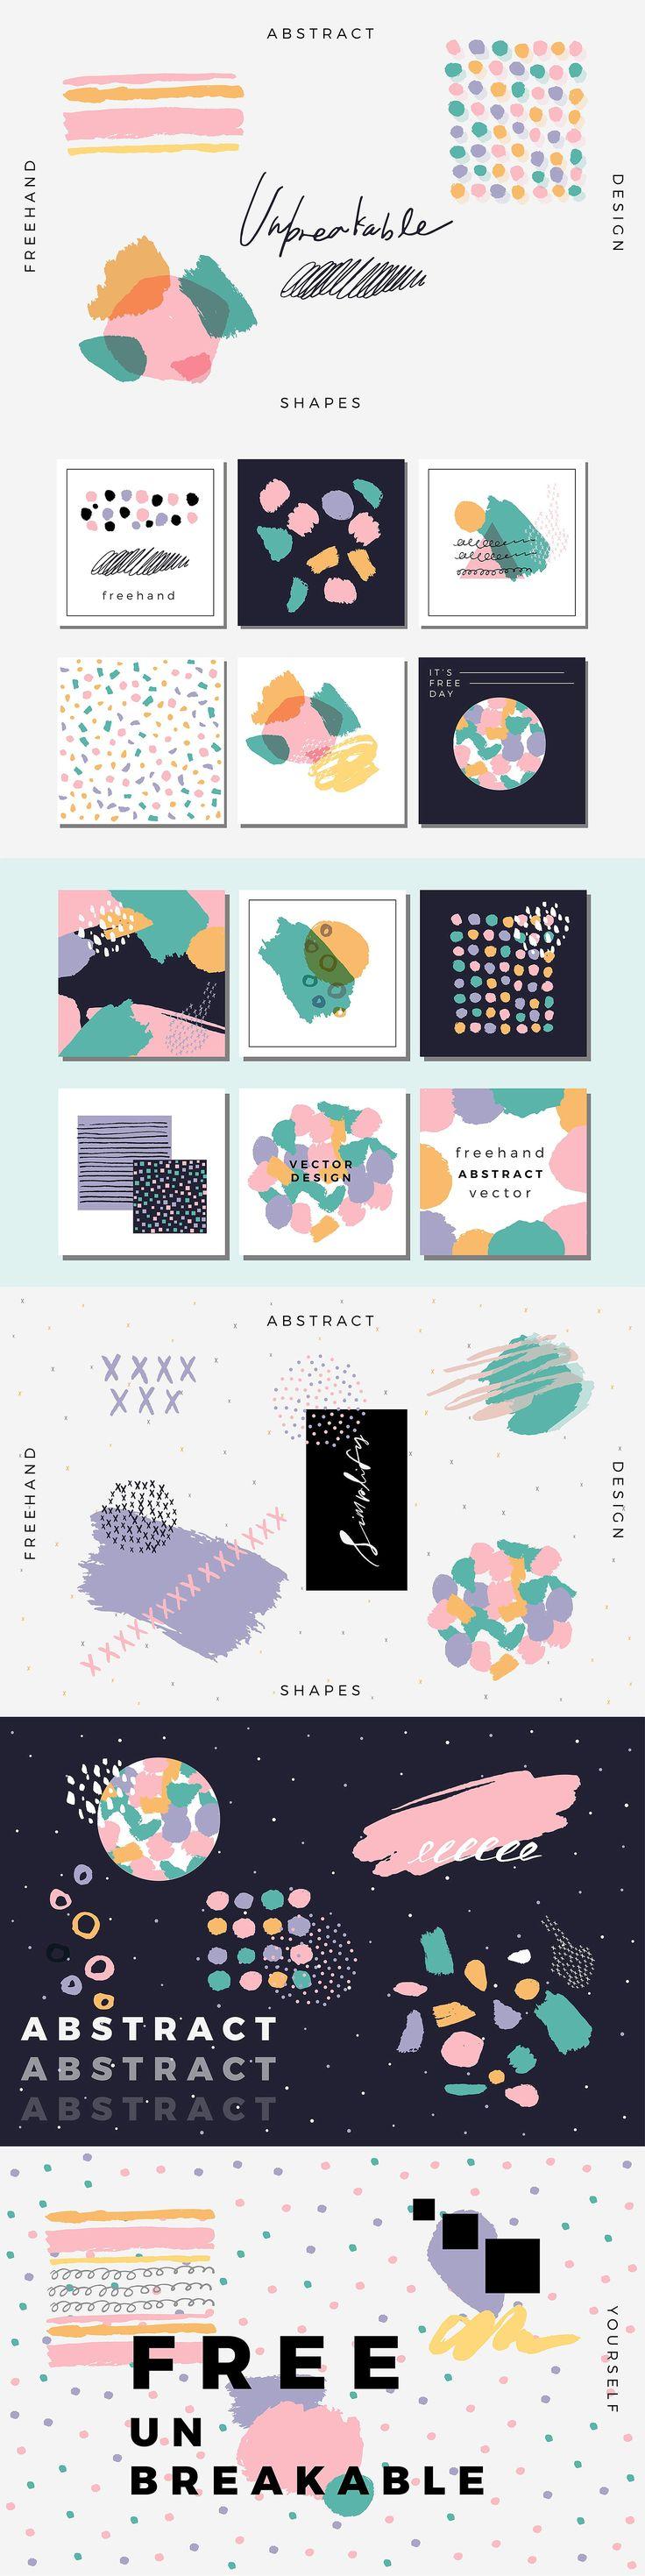 Home front tor design katalog  best design images on pinterest  graphics editorial design and